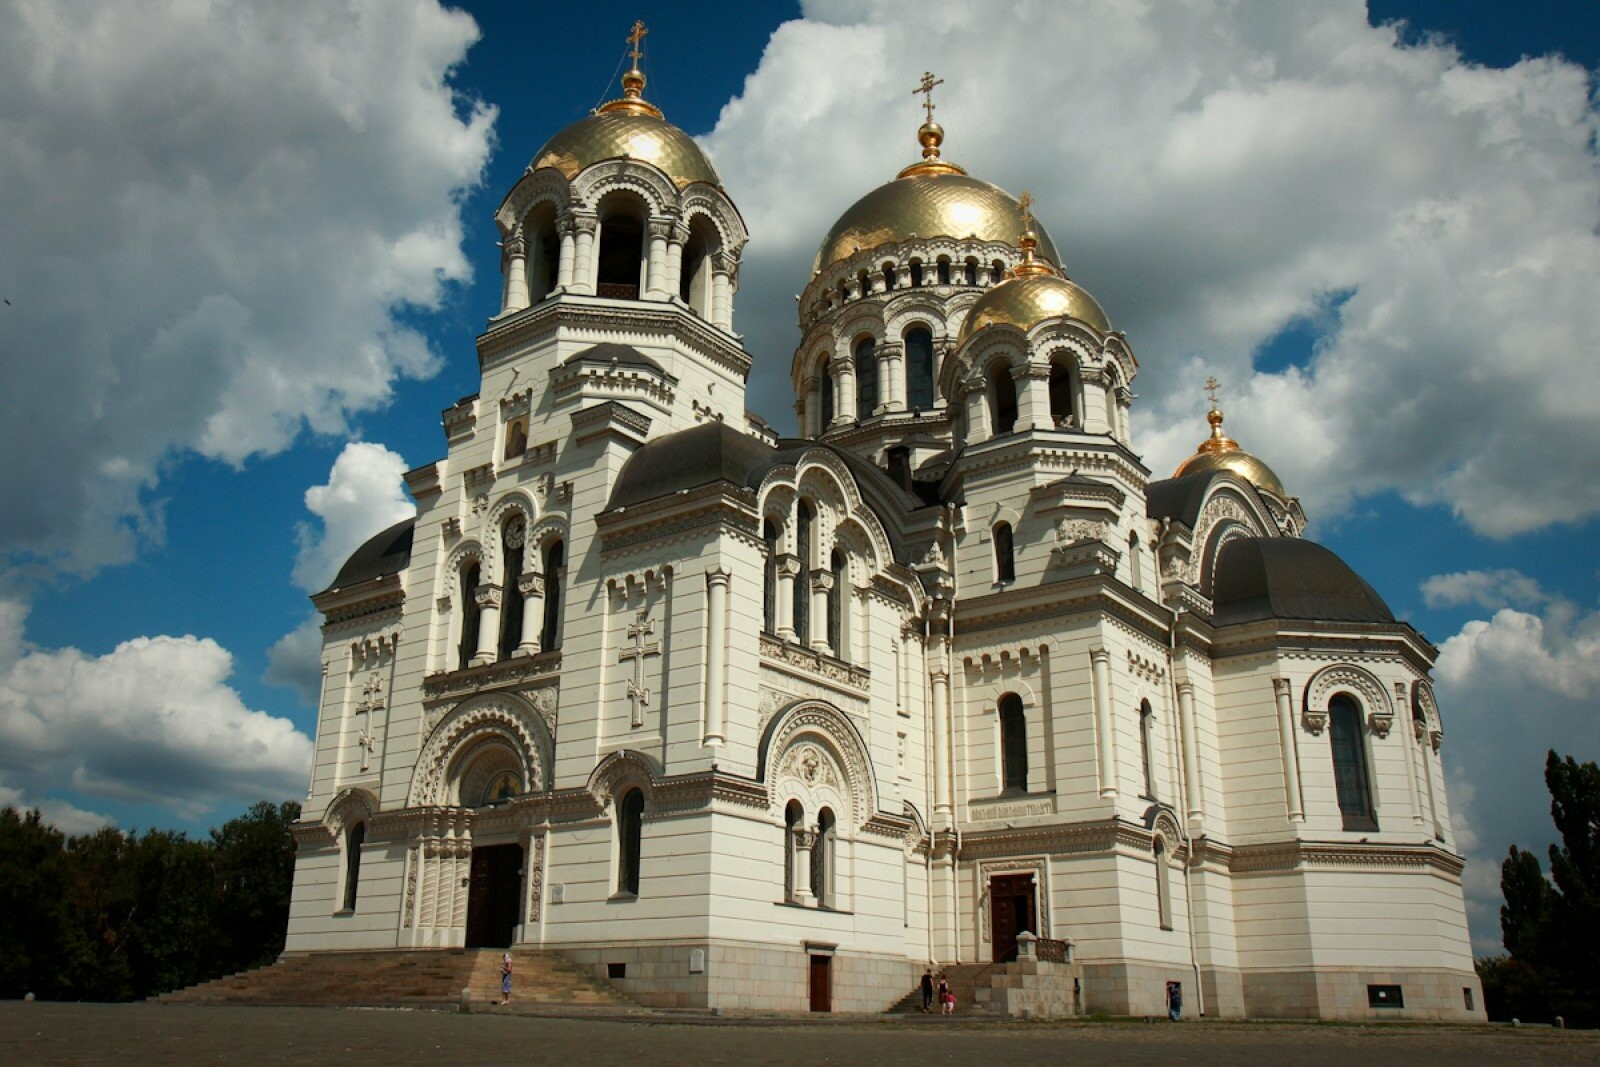 Патриарший Вознесенский войсковой всеказачий кафедральный собор г. Новочеркасска сегодня